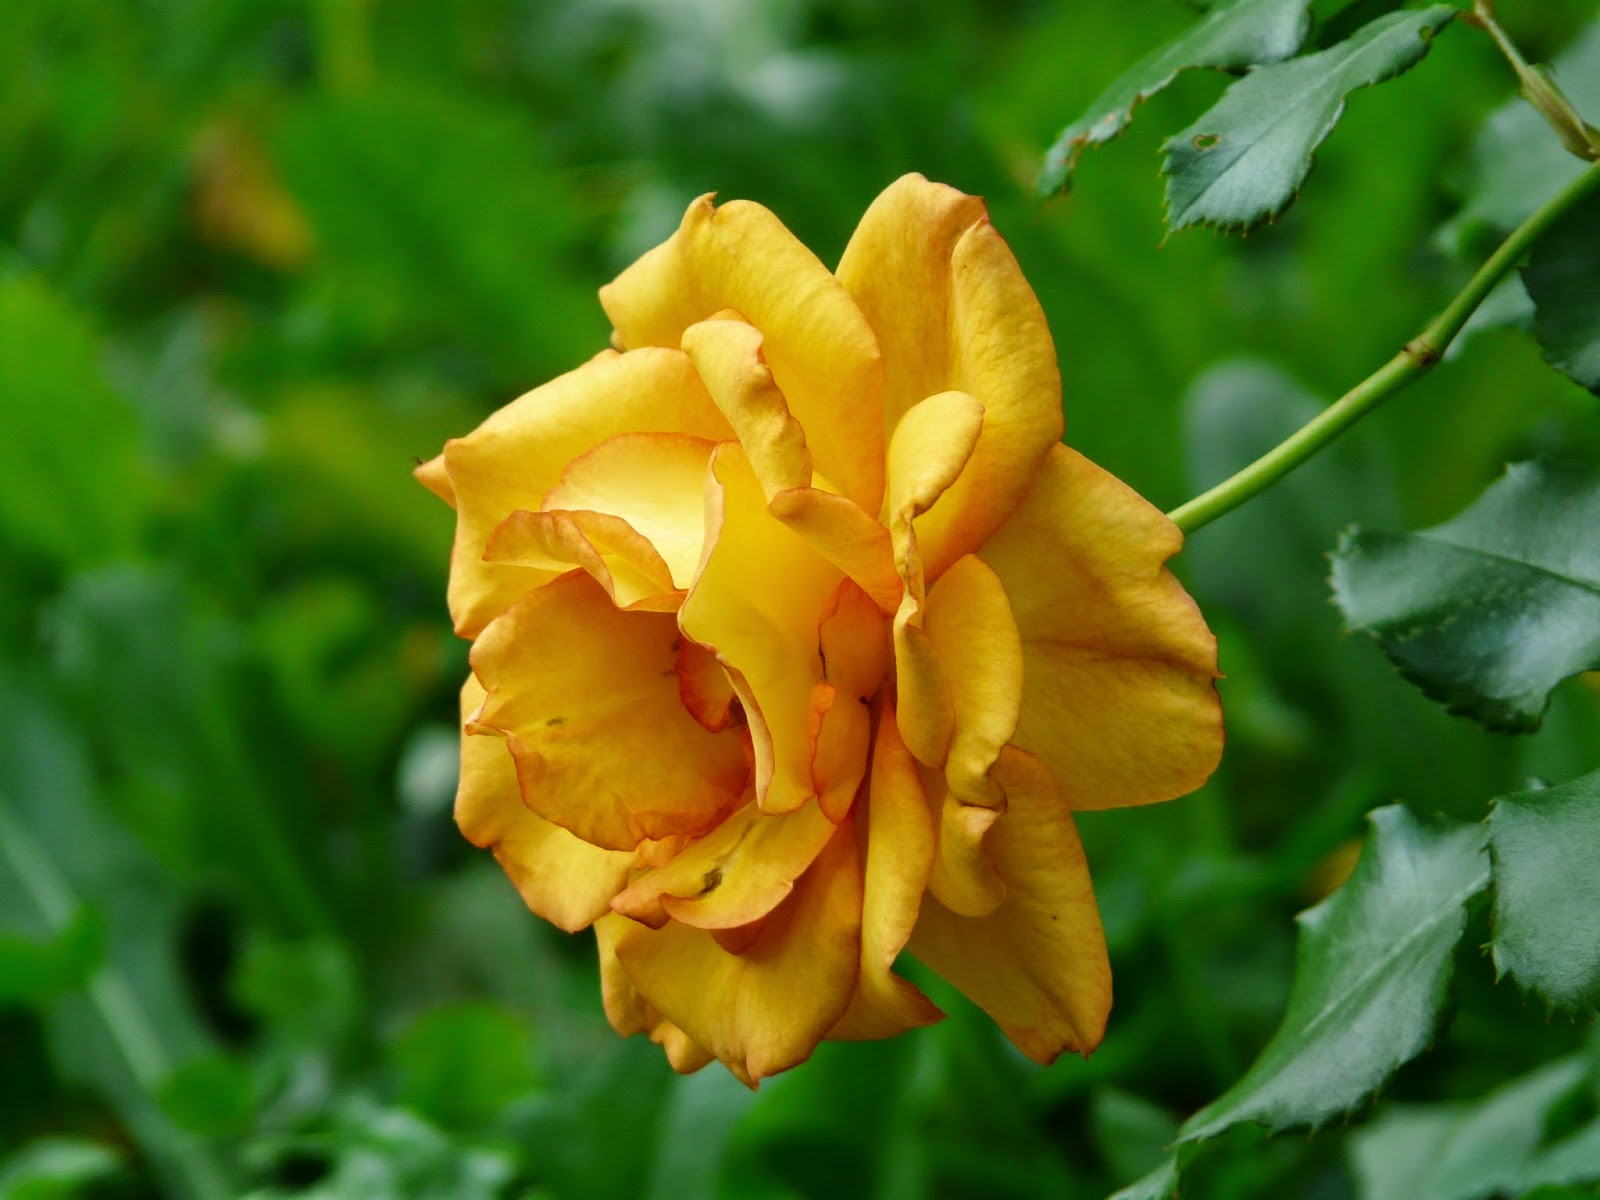 صورة صفراء جميلة